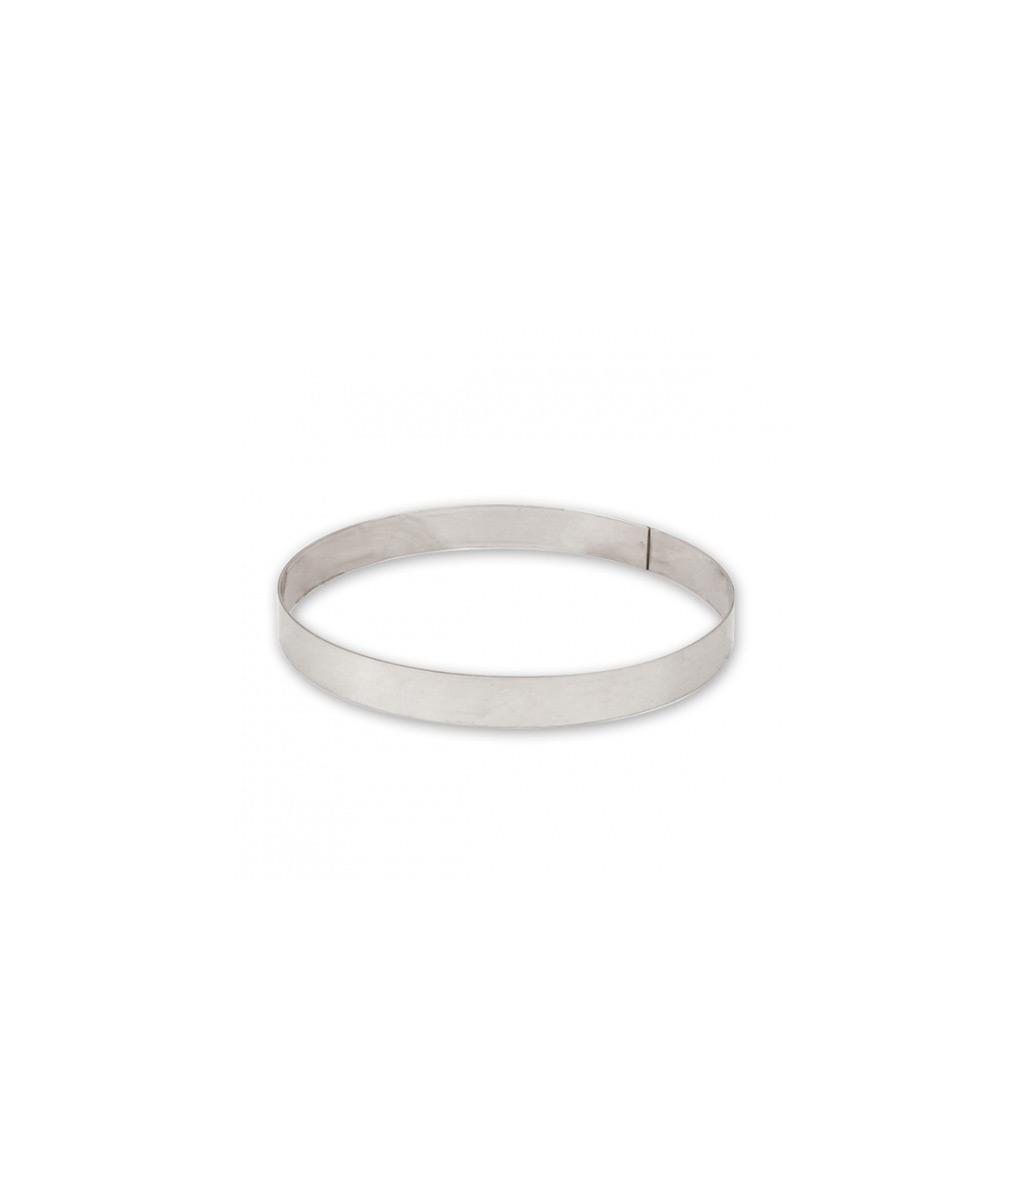 Tart Ring 10x2cm Food Stackers